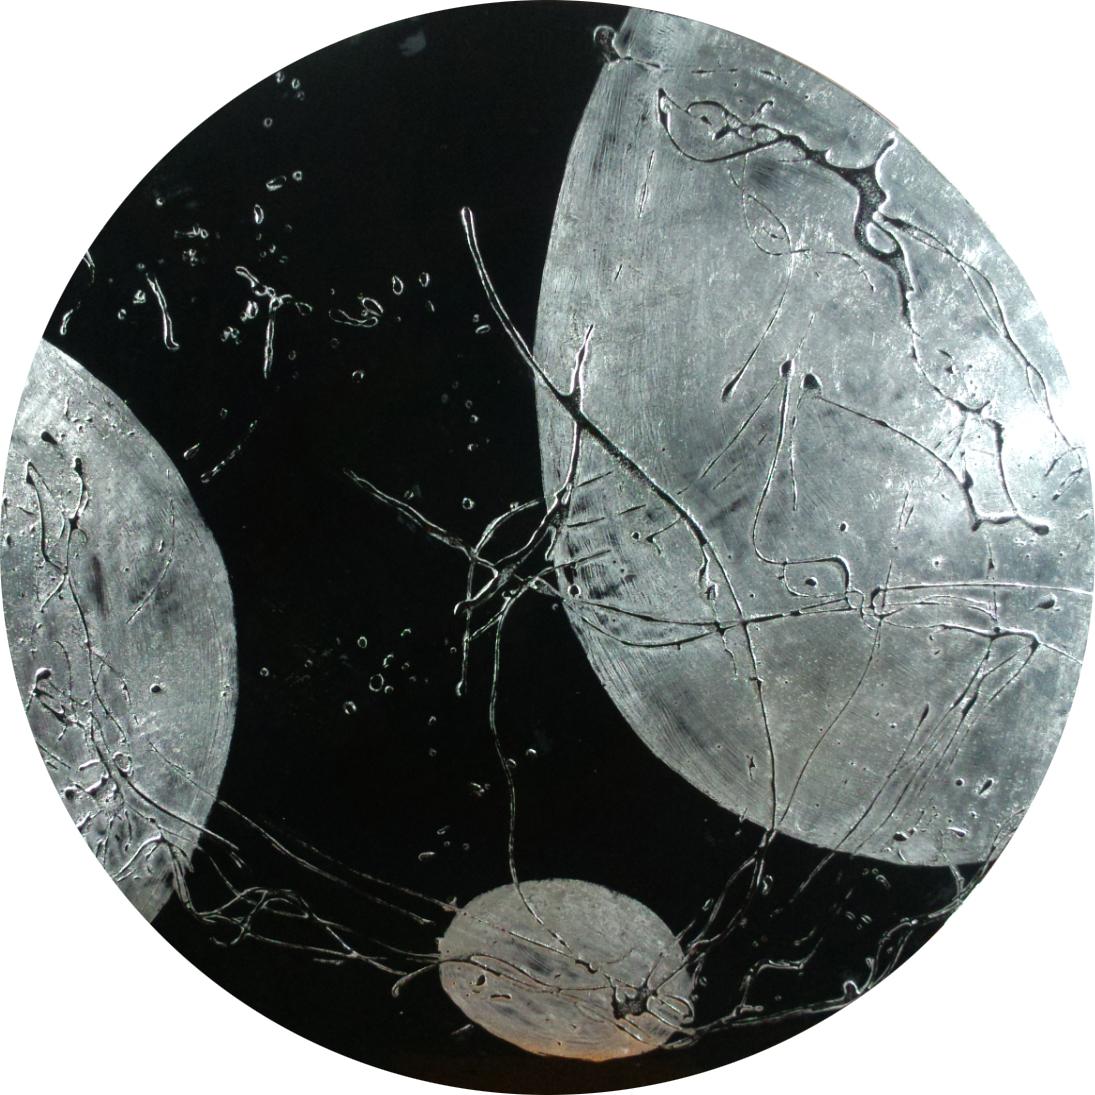 汪天亮 銀河星空 直徑100cm 漆、綜合媒材